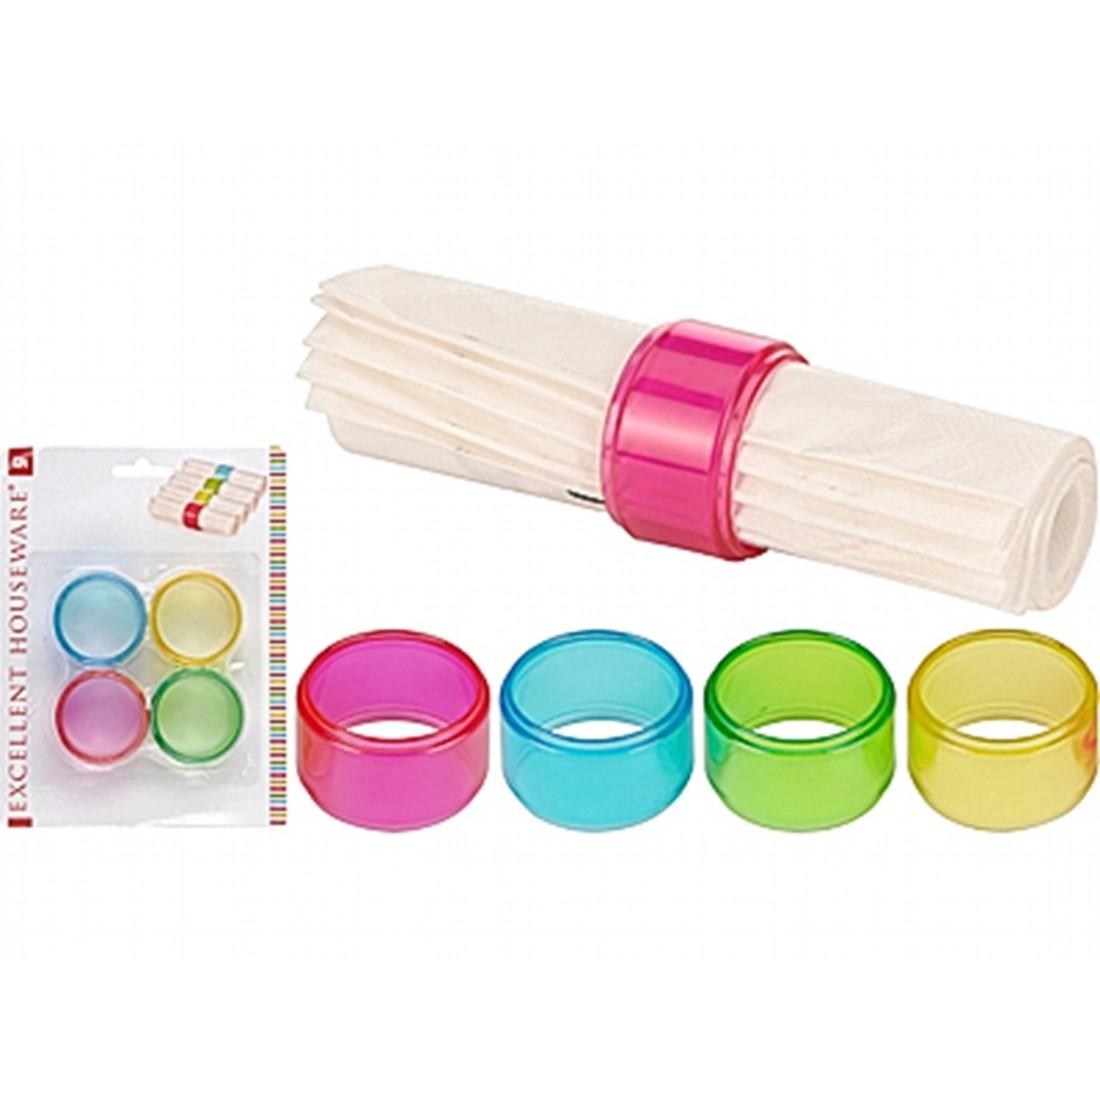 Набор колец для салфетокExcellent Houseware производит посуду и различные предметы для дома. Набор колец для салфеток - прекрасное приобретение для тех, кто любит создавать красивую и уютную атмосферу за столом.<br>